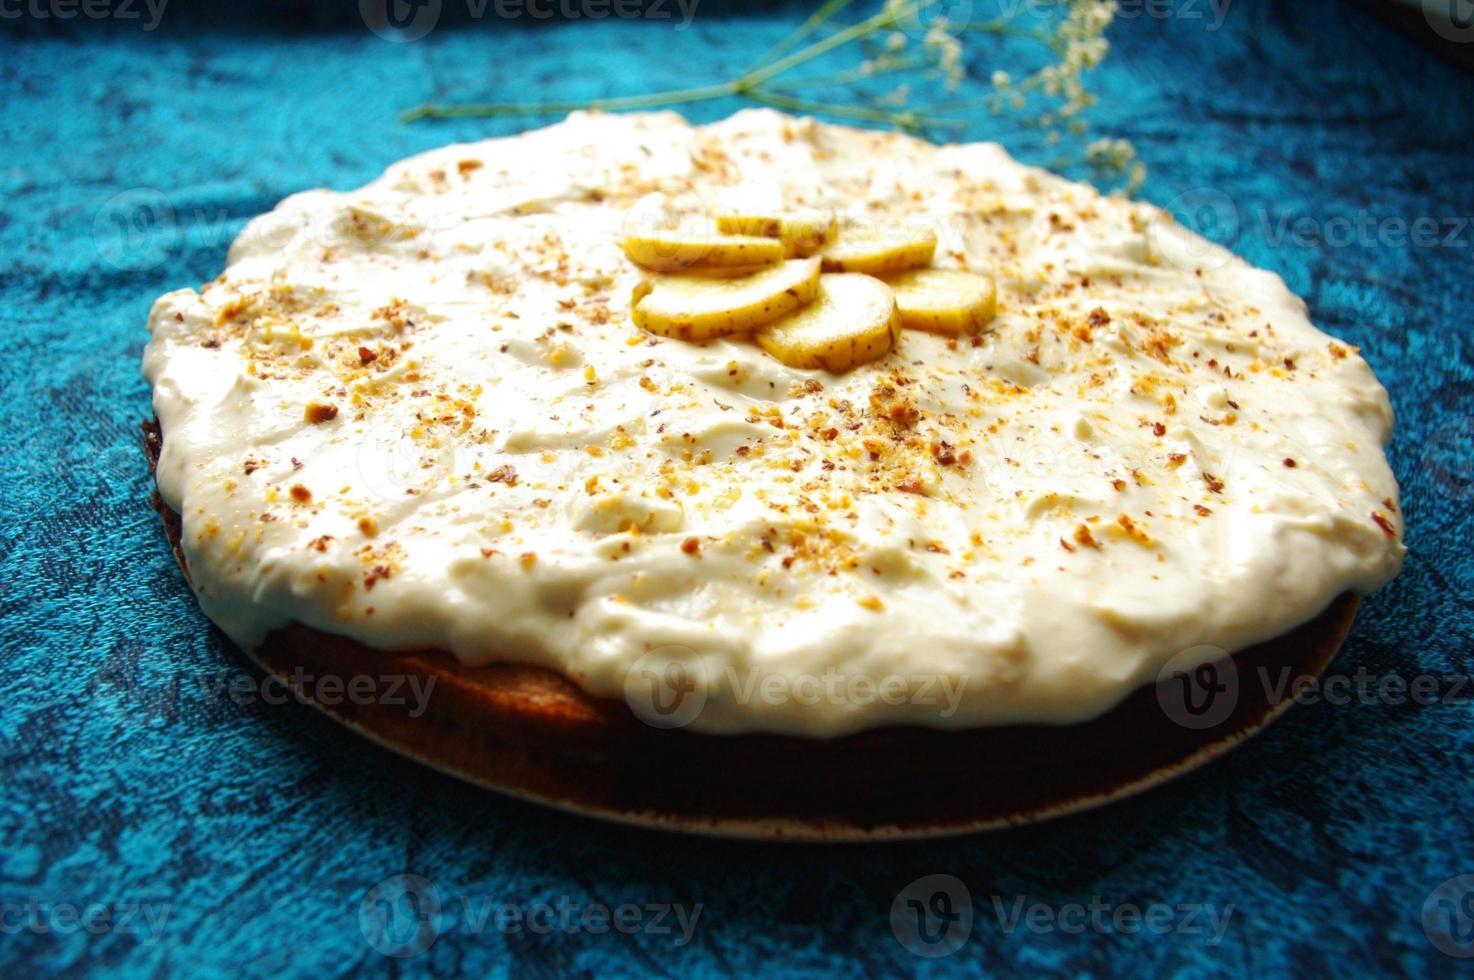 hausgemachter cremiger Kuchen mit Bananen foto